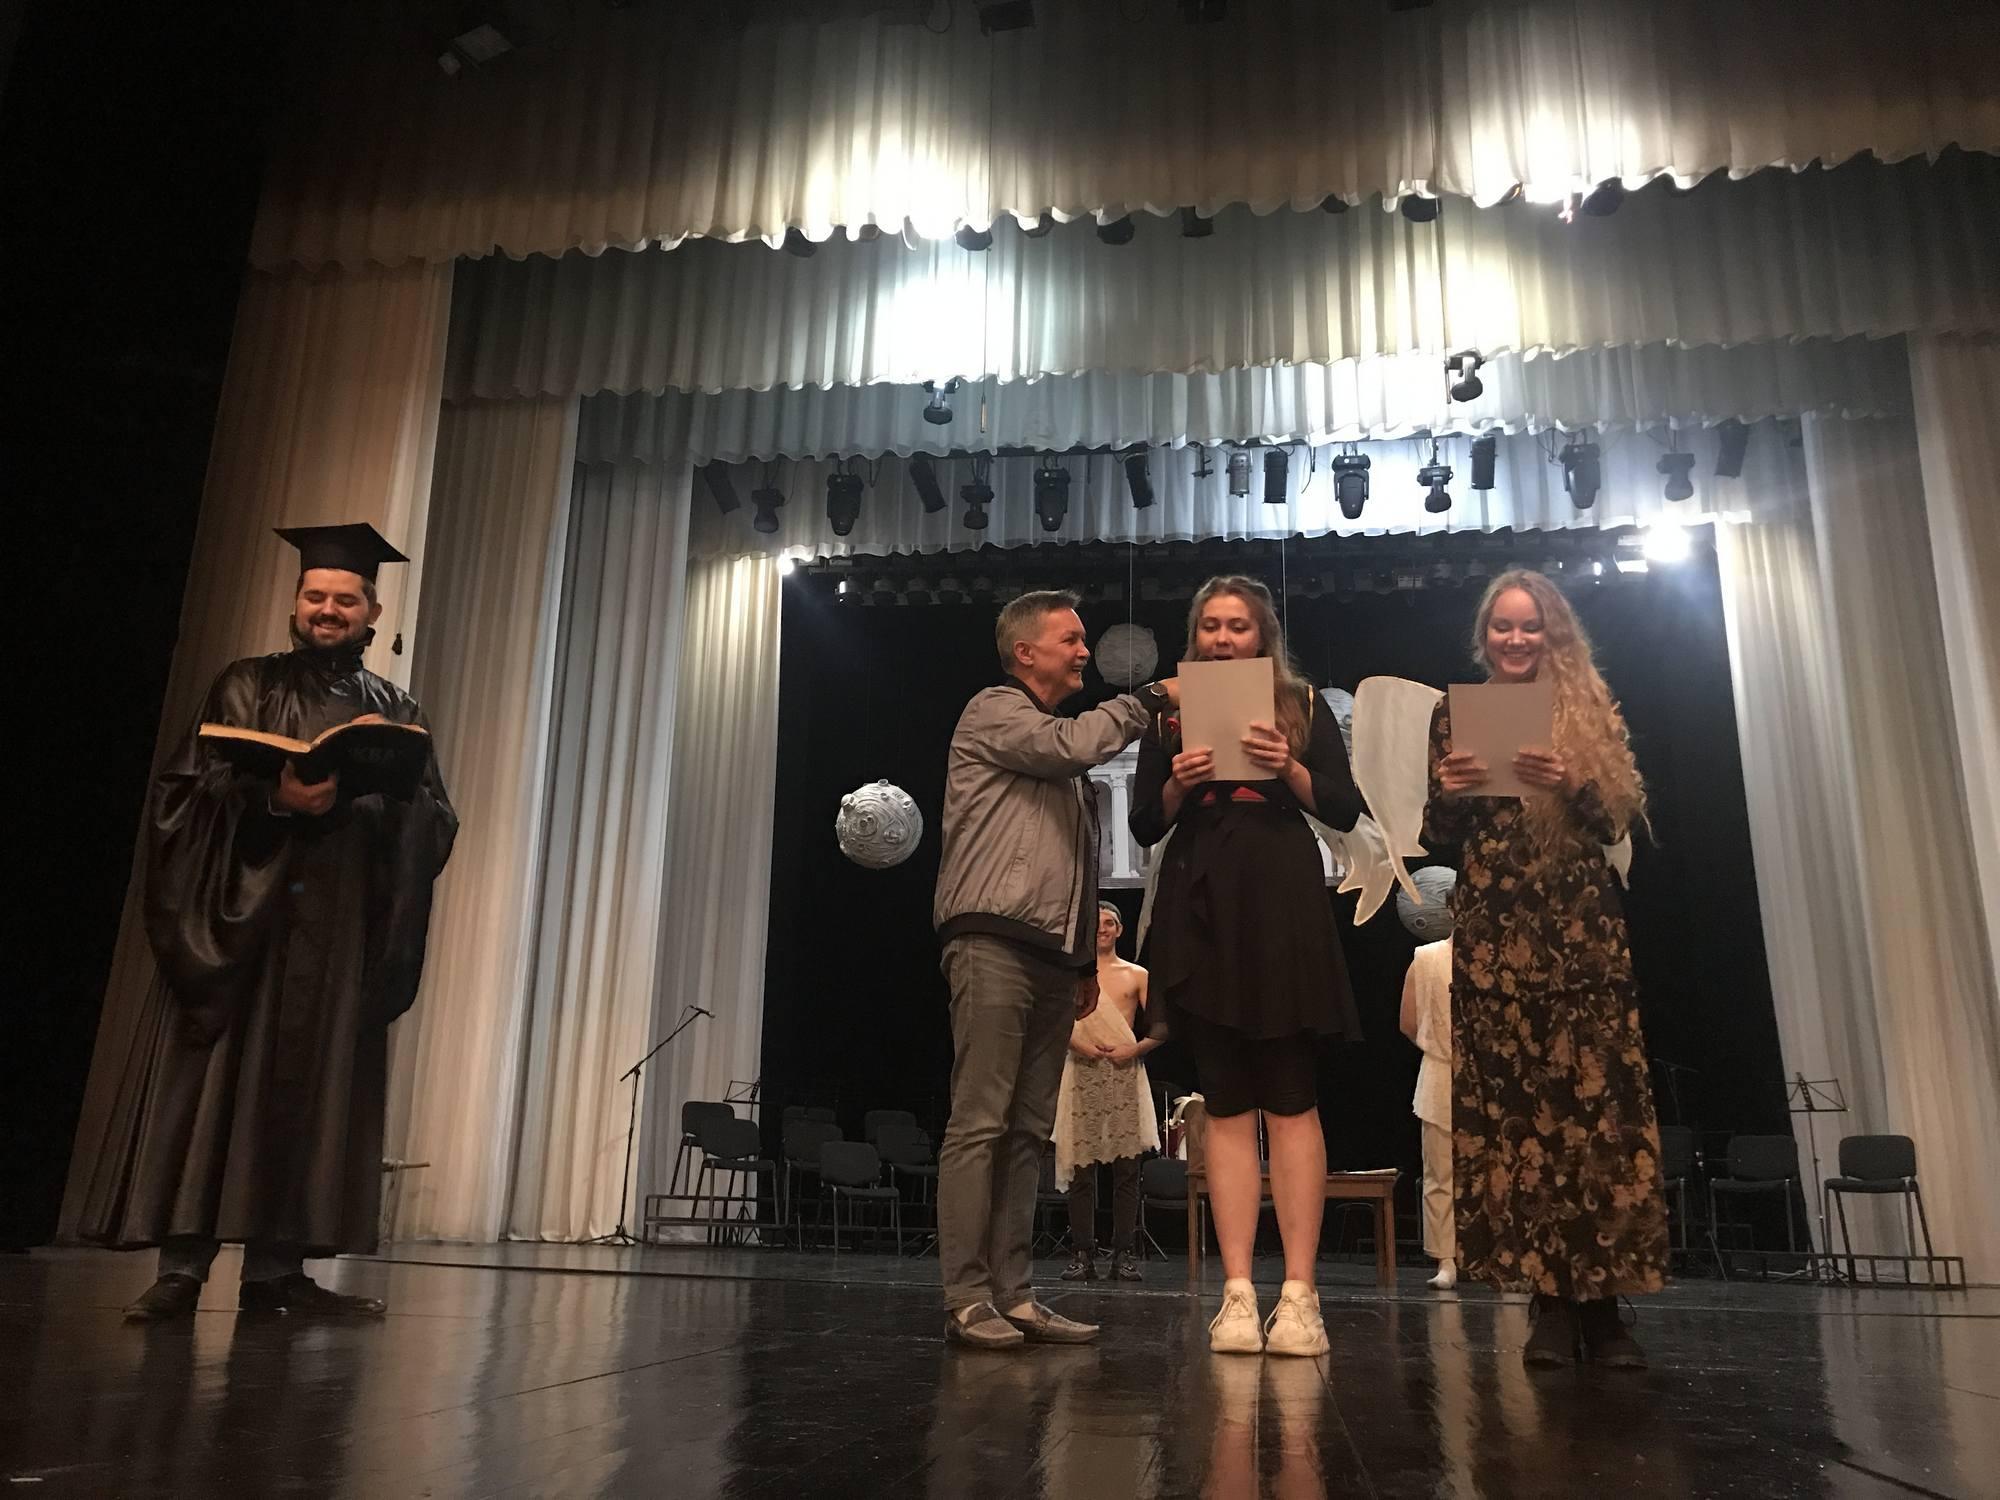 Прем'єри, кадрові зміни та поповнення актерського складу: Чернігівський драмтеатр відкрив 96-й театральний сезон. ФОТО